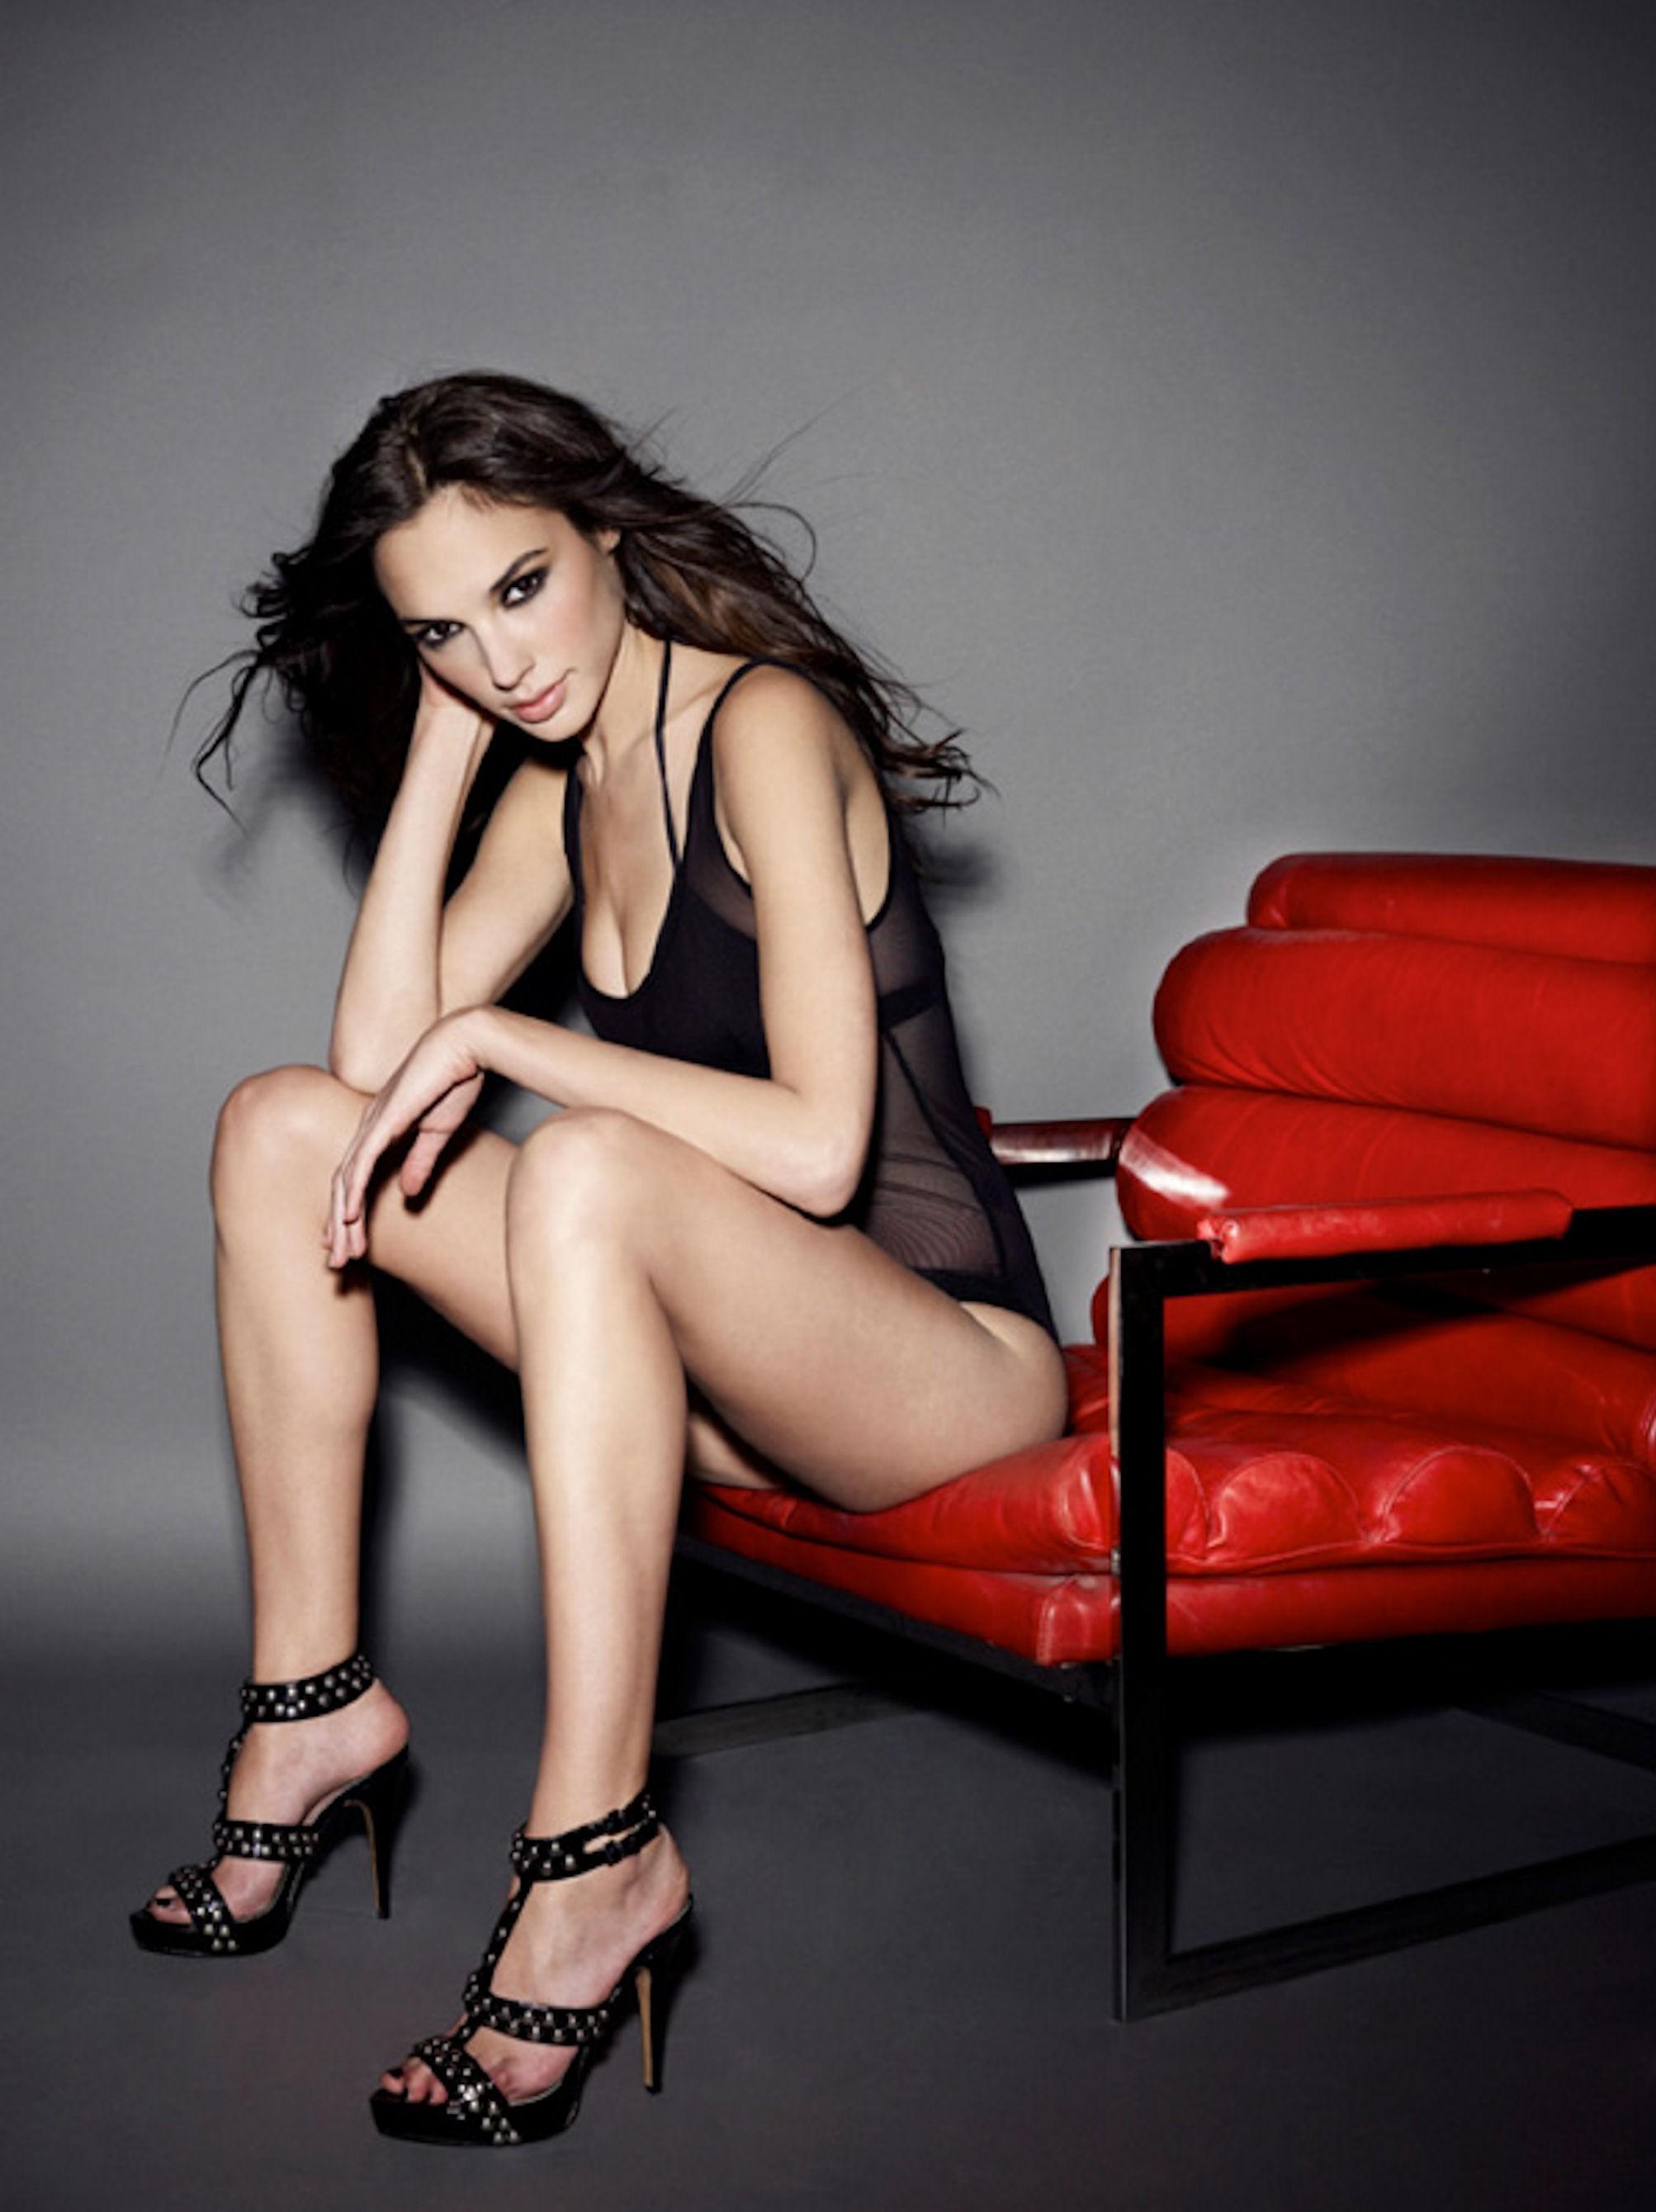 sri lanka nude actress